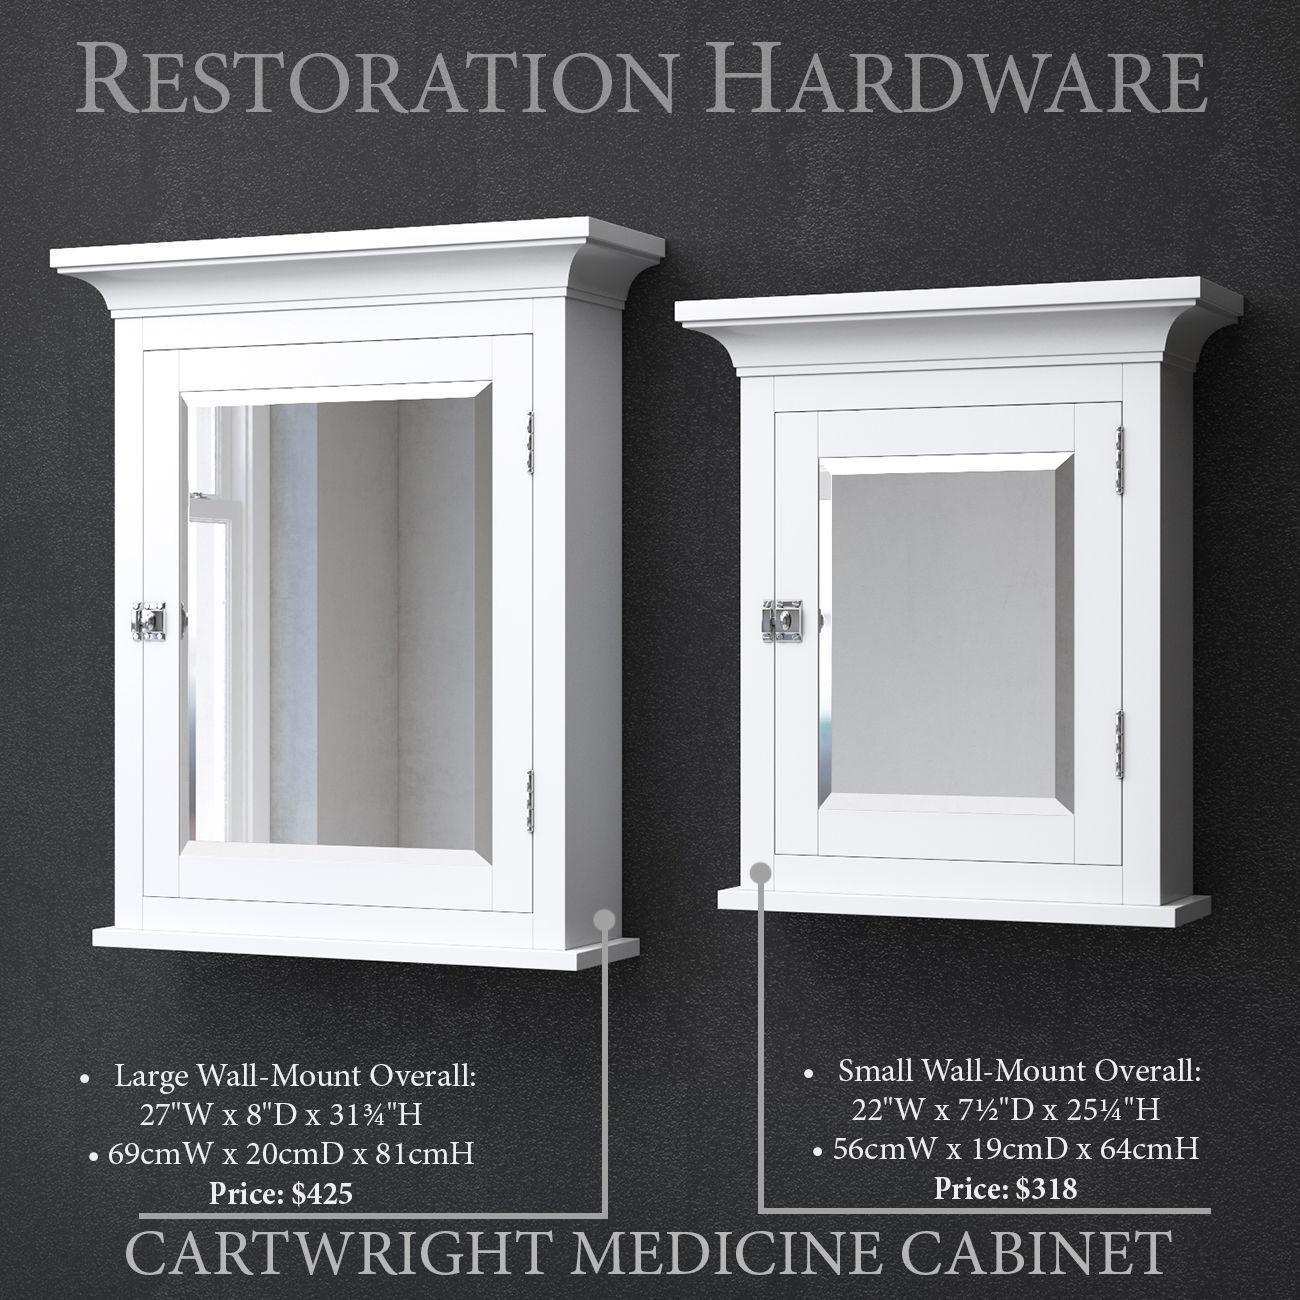 Beau RH CARTWRIGHT MEDICINE CABINET 3D Model